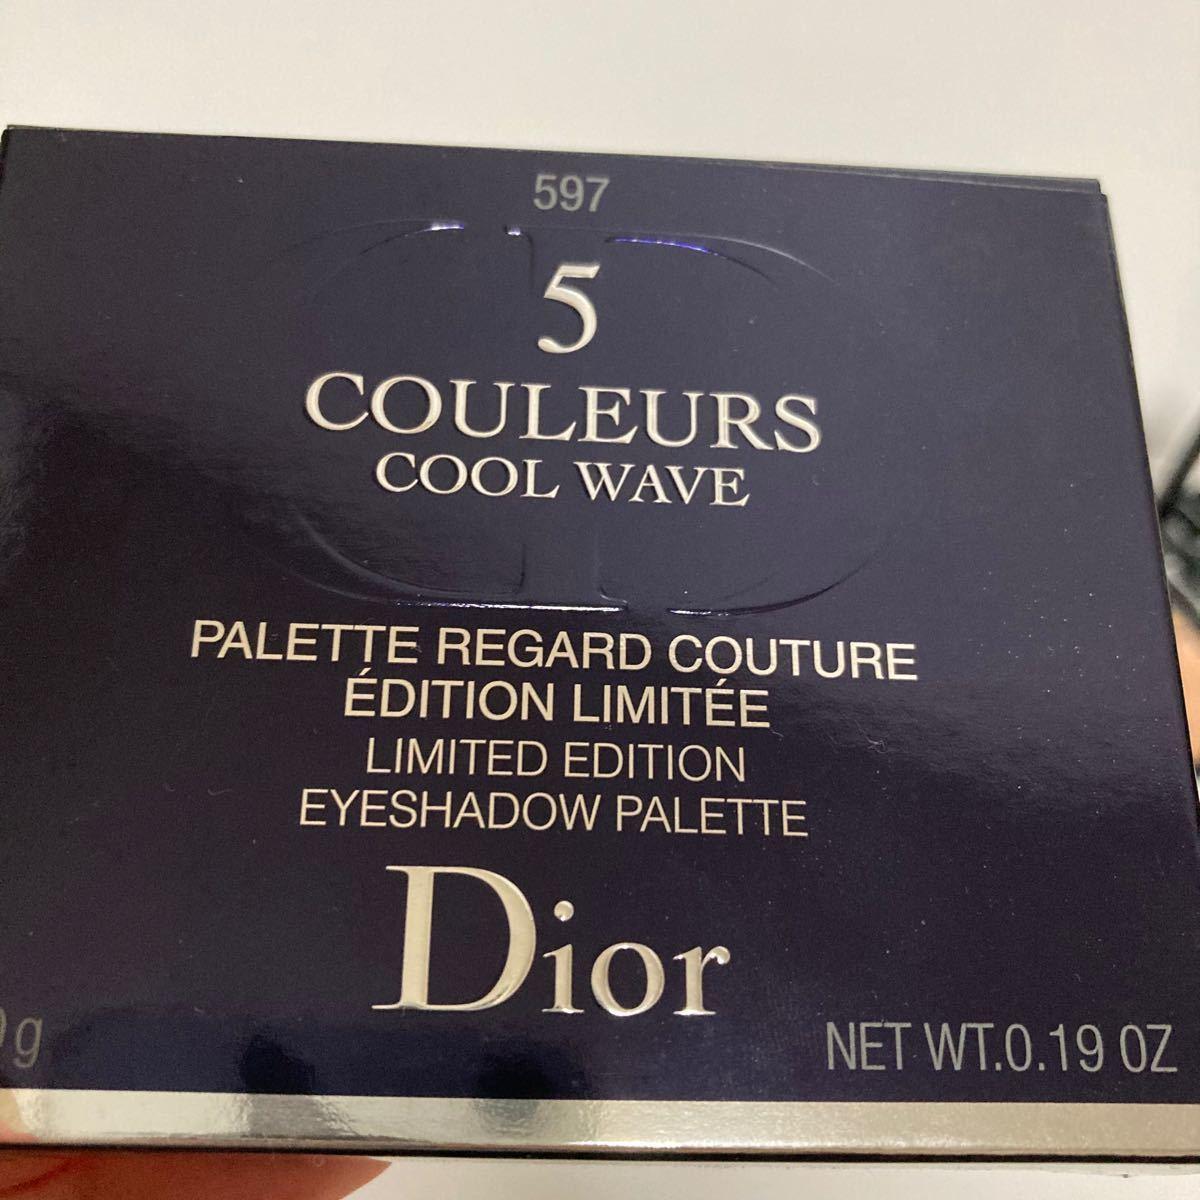 Dior ディオール アイシャドウ サンク クルール 限定品 597 ヒートアップ 箱付き シャドウ アイカラー パレット コスメ